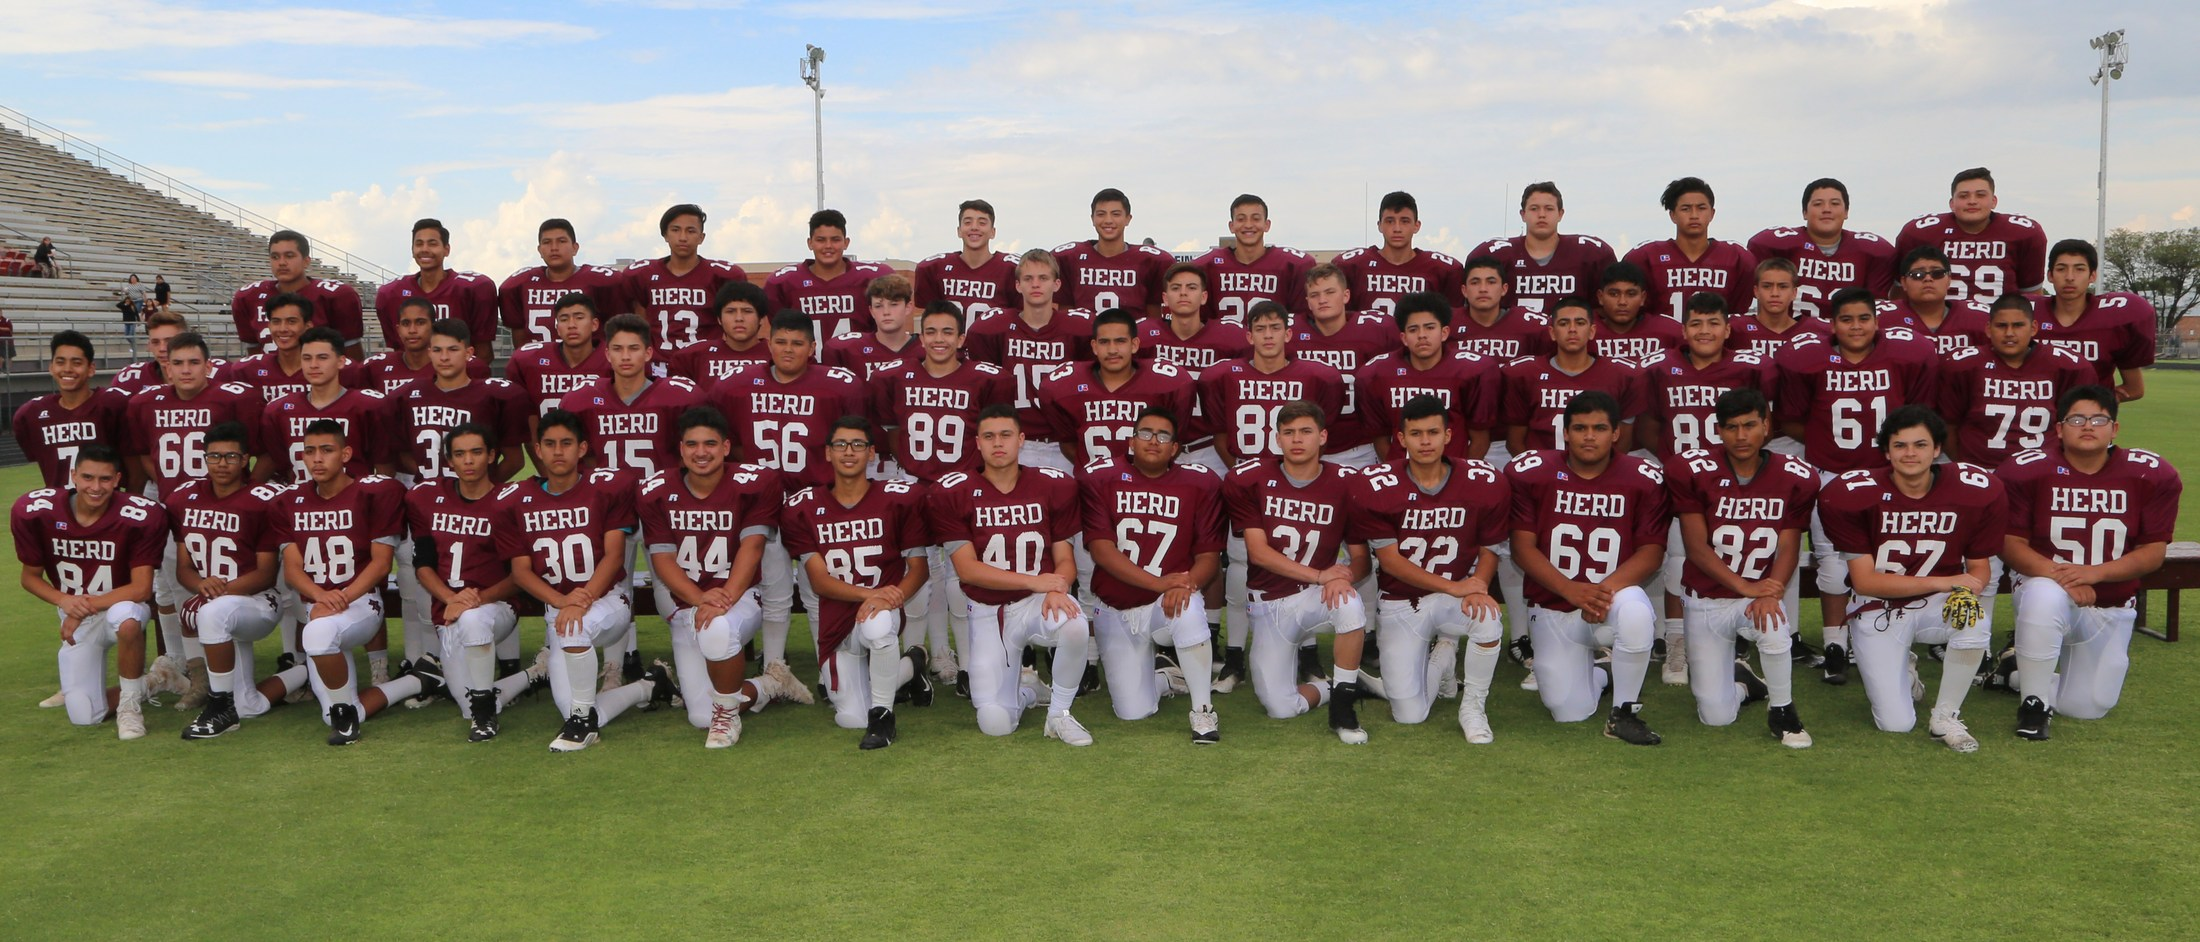 2017 Freshmen Team